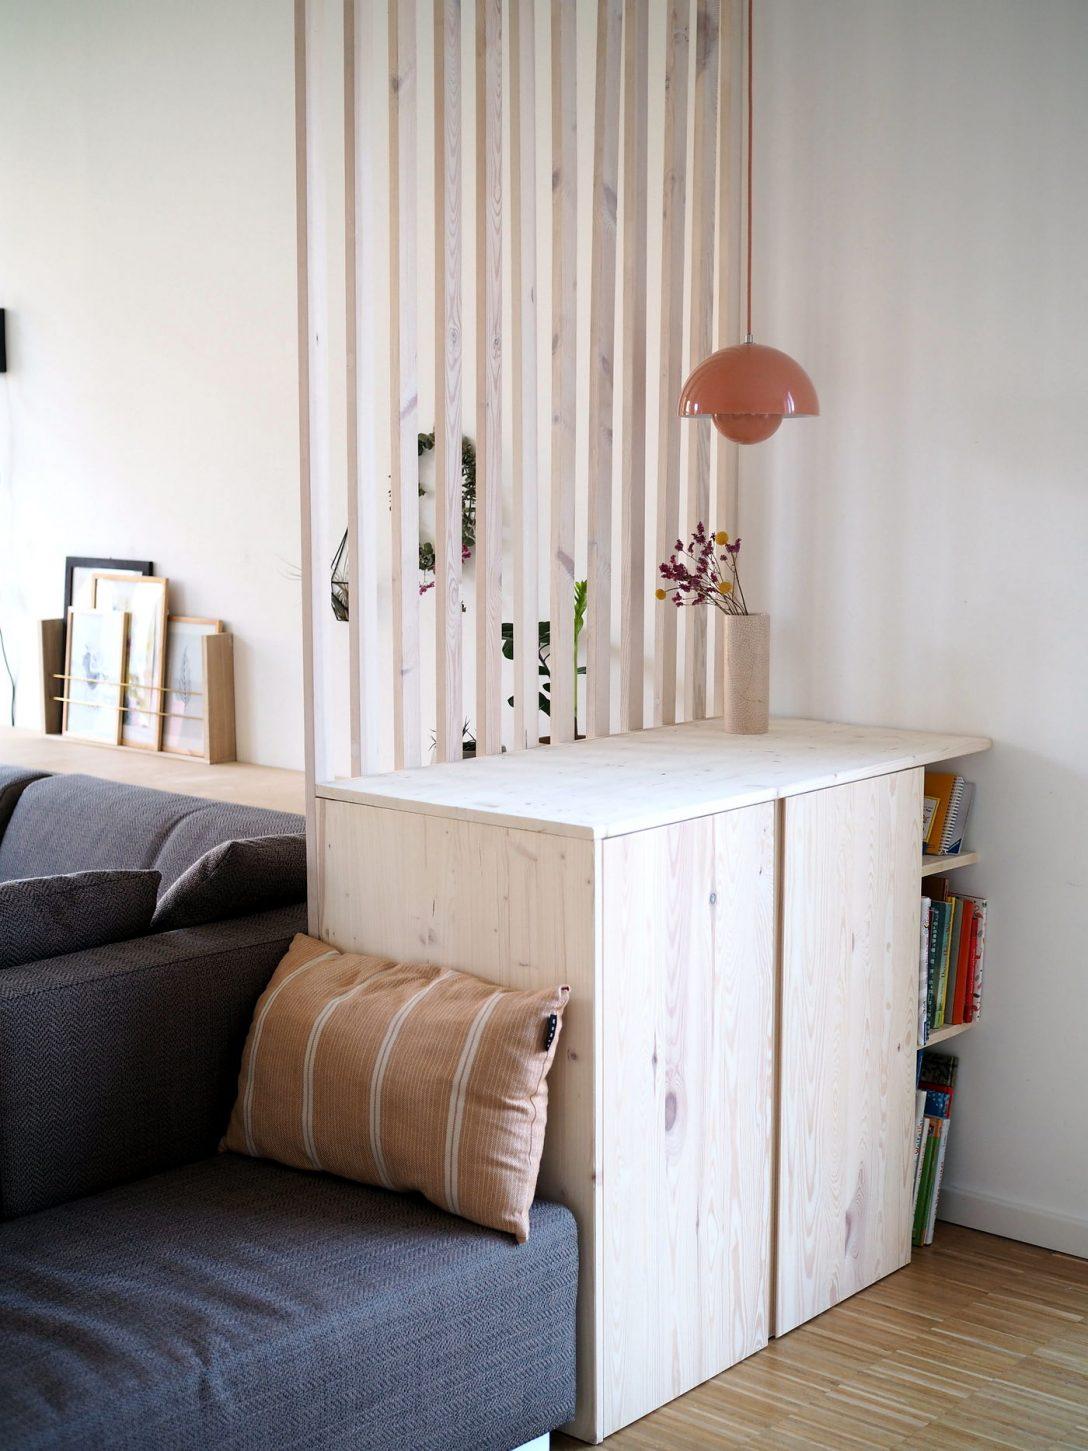 Large Size of Ikea Raumteiler Ideen Fr Und Raumtrenner Miniküche Betten 160x200 Modulküche Sofa Mit Schlaffunktion Küche Kosten Regal Bei Kaufen Wohnzimmer Ikea Raumteiler